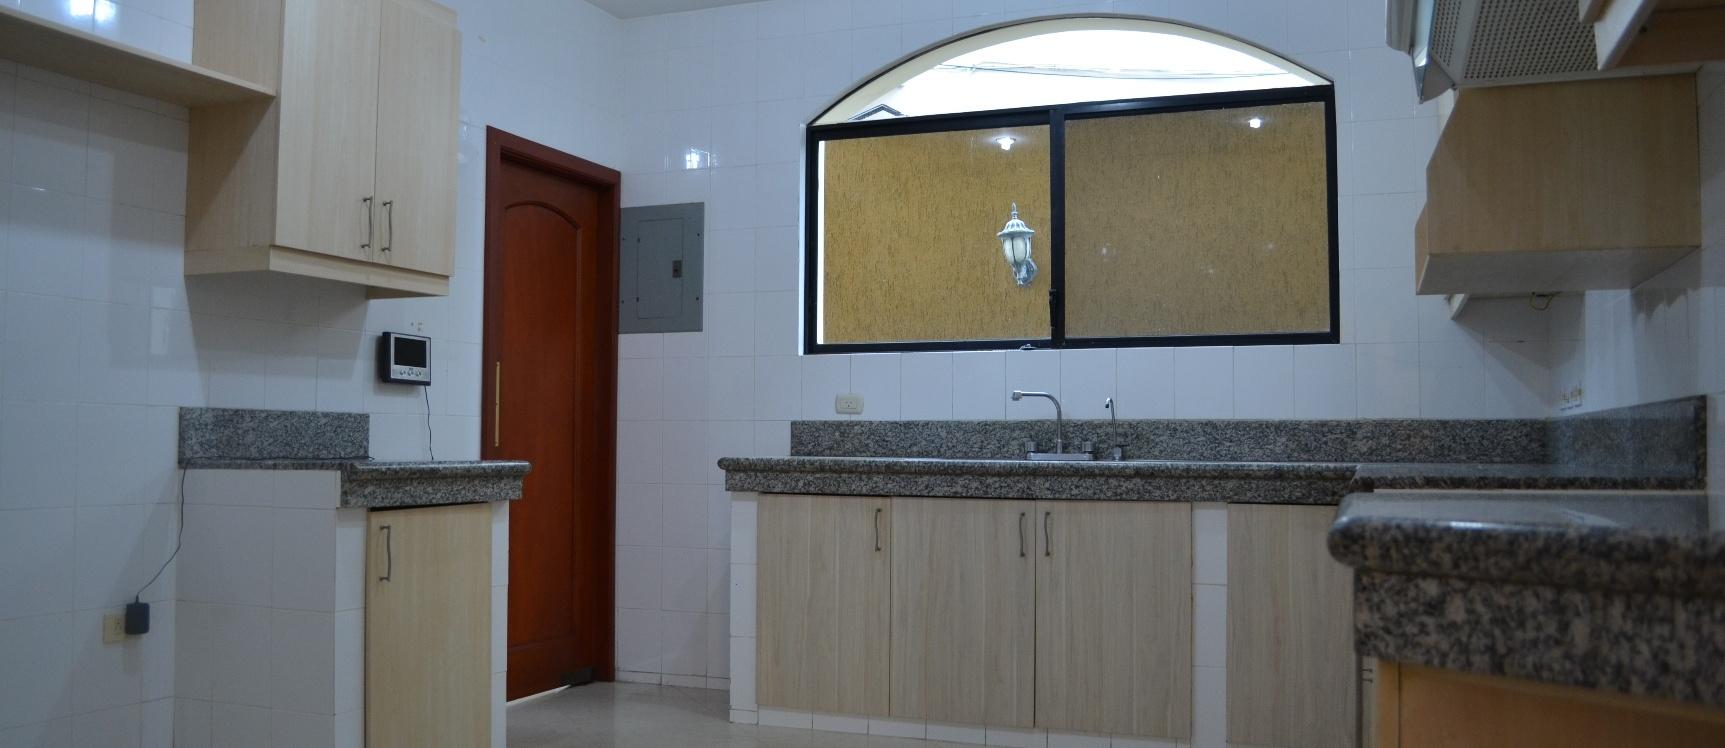 GeoBienes - Casa en alquiler en urbanización Puerto Azul Via a la costa    - Plusvalia Guayaquil Casas de venta y alquiler Inmobiliaria Ecuador